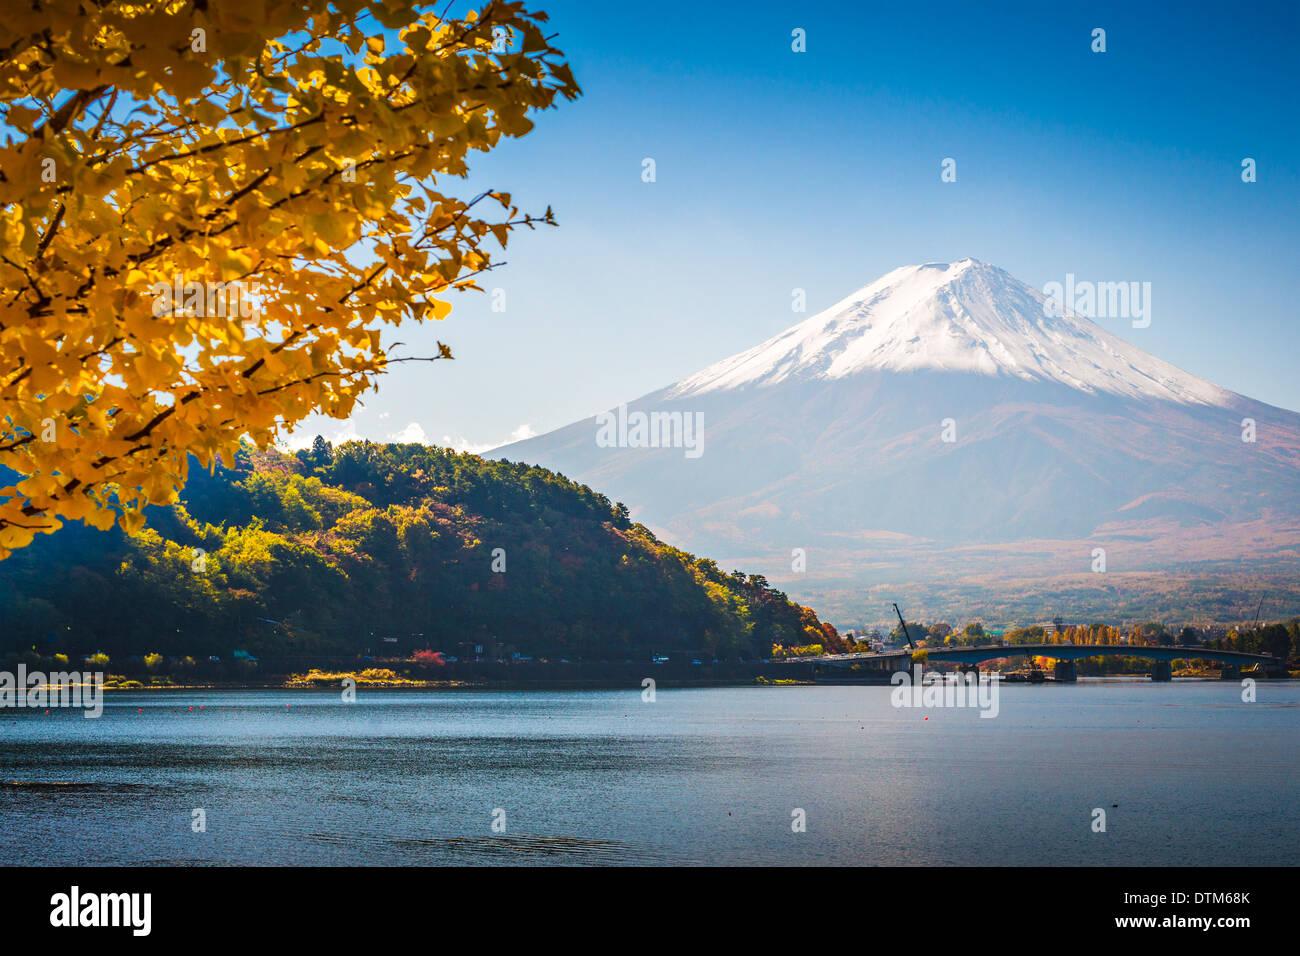 Fuji Mountain on Lake Kawaguchi in the fall season. - Stock Image